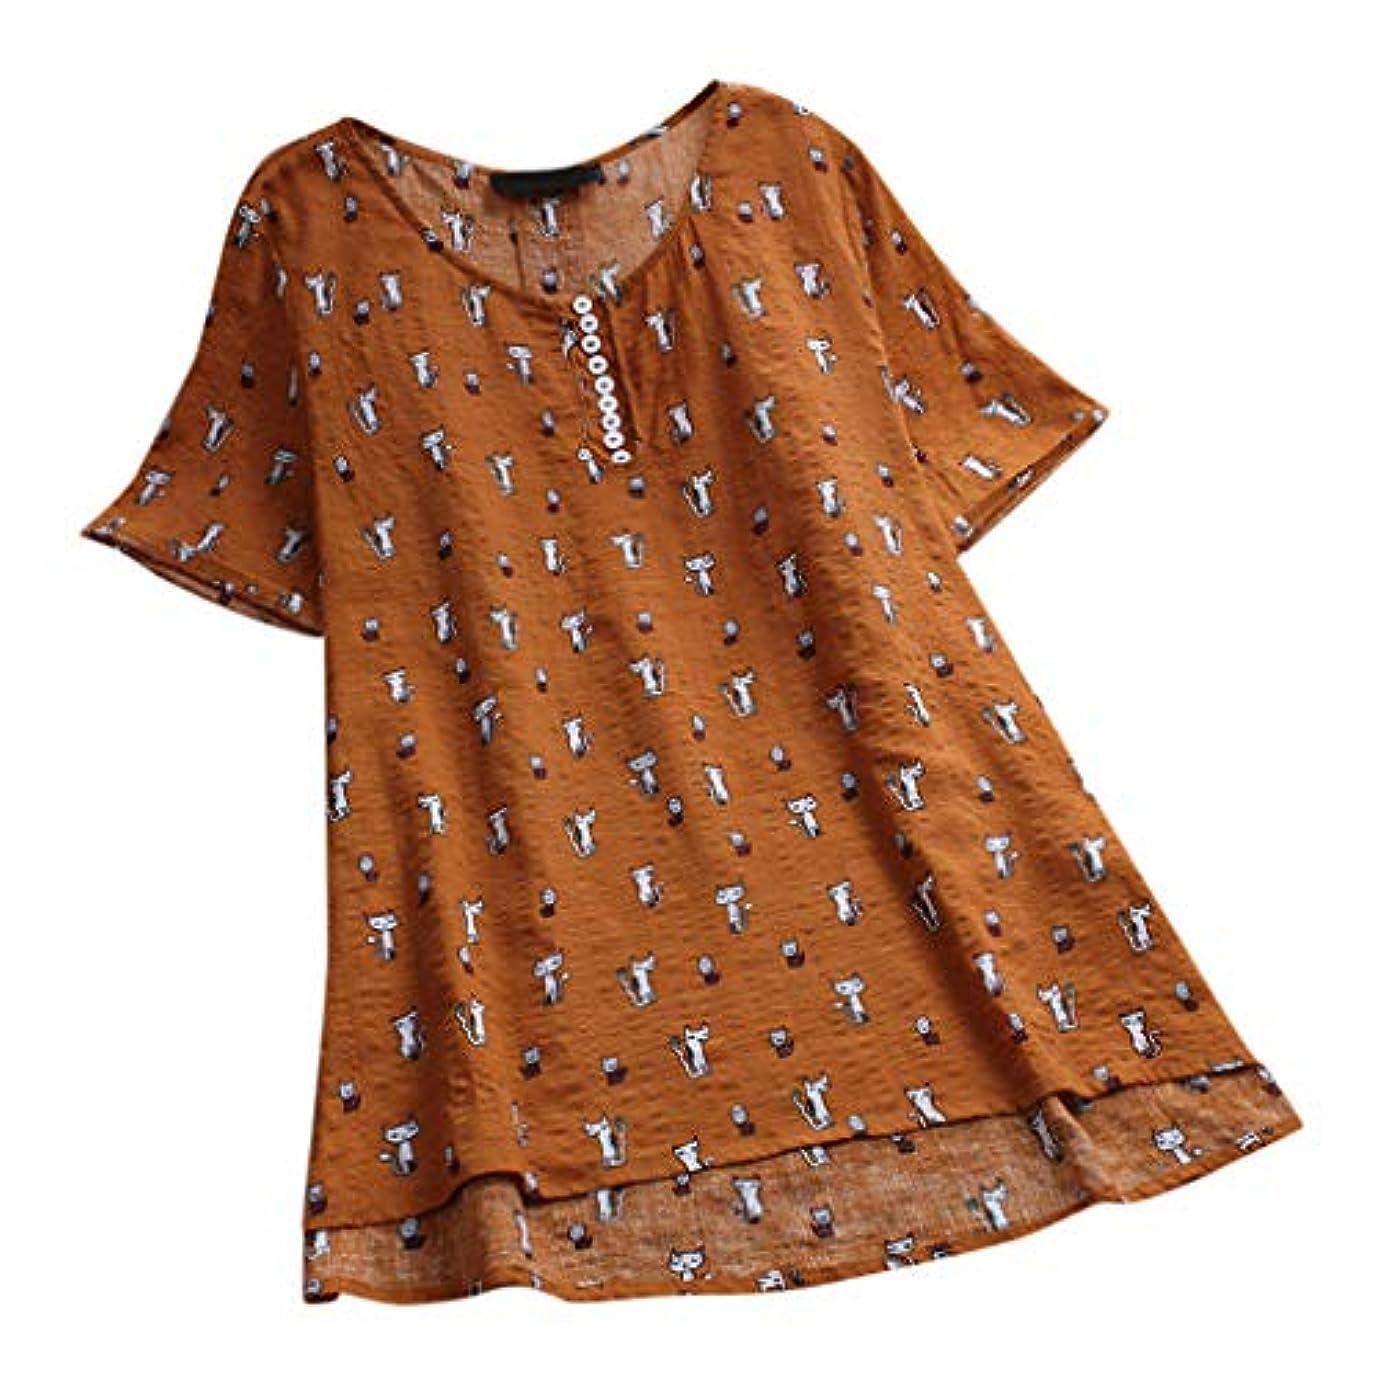 褐色全員格差レディース tシャツ プラスサイズ 半袖 丸首 猫プリント ボタン ビンテージ チュニック トップス 短いドレス ブラウス 人気 夏服 快適な 軽い 柔らかい かっこいい ワイシャツ カジュアル シンプル オシャレ 春夏秋 対応